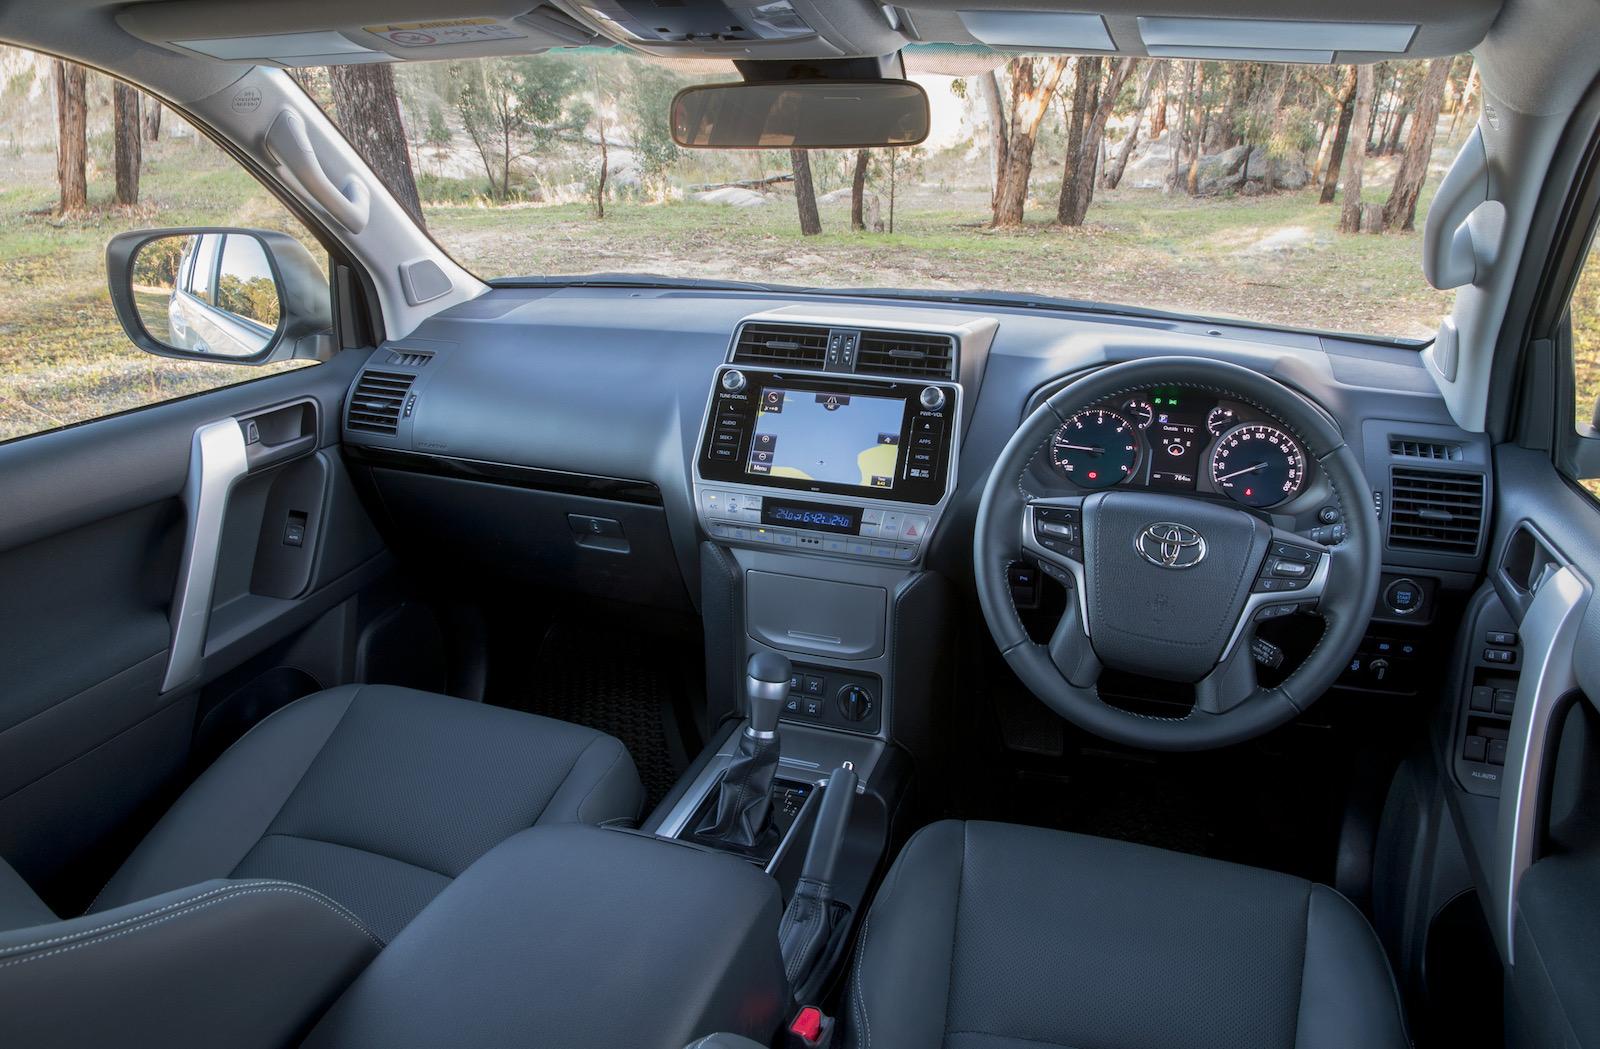 2018 Toyota LandCruiser Prado now on sale in Australia ...